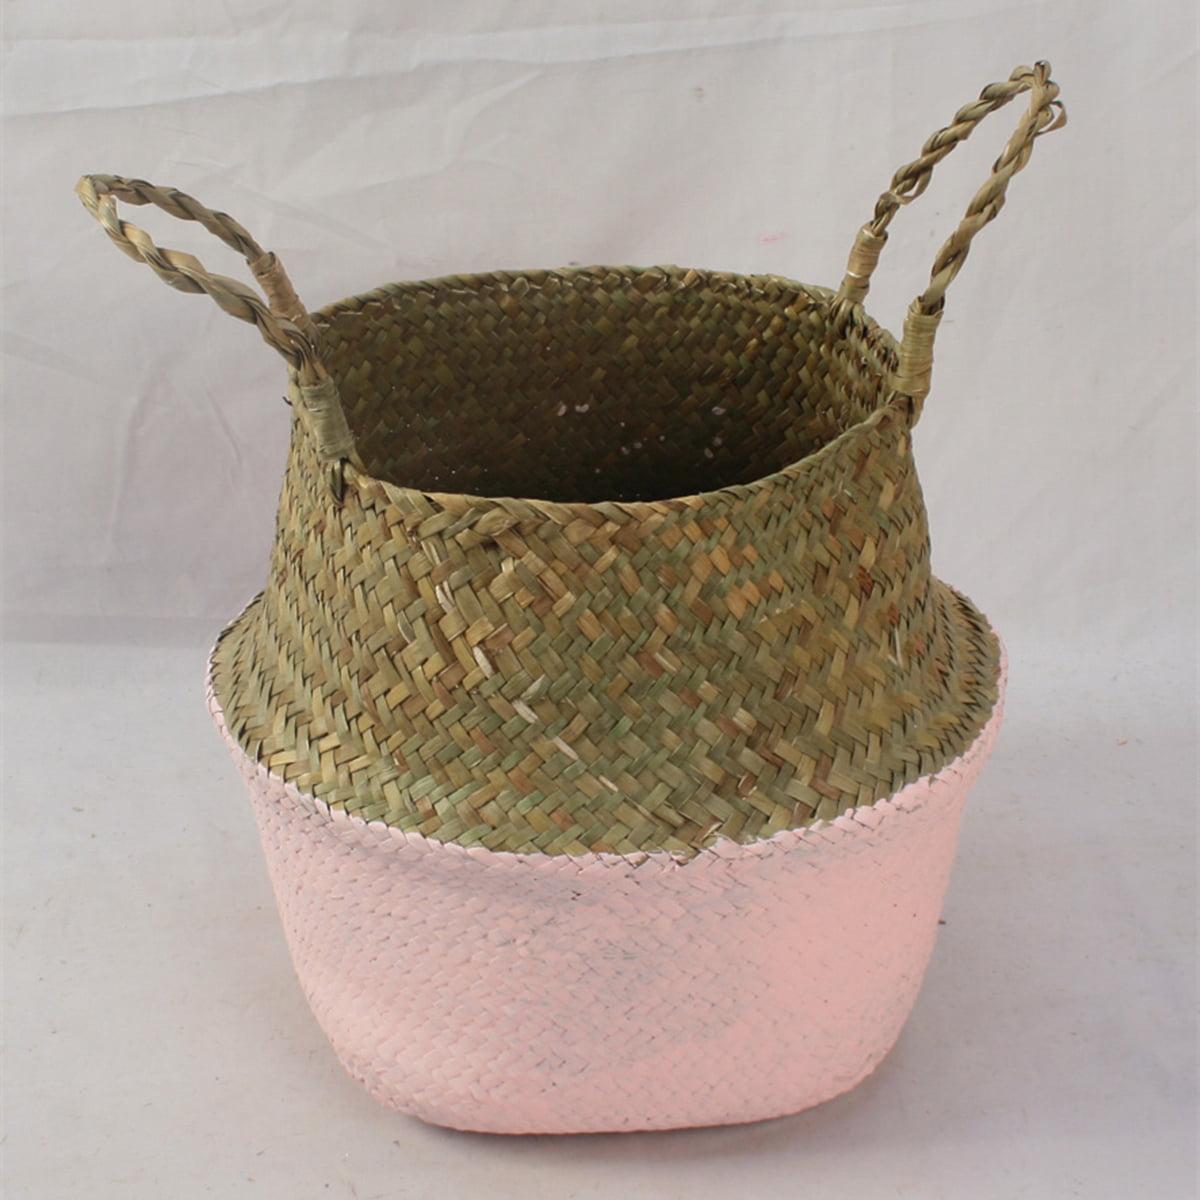 Foldable Rattan Straw Basket Flower Pot Hanging Wicker Storage Basket Garden Accessories